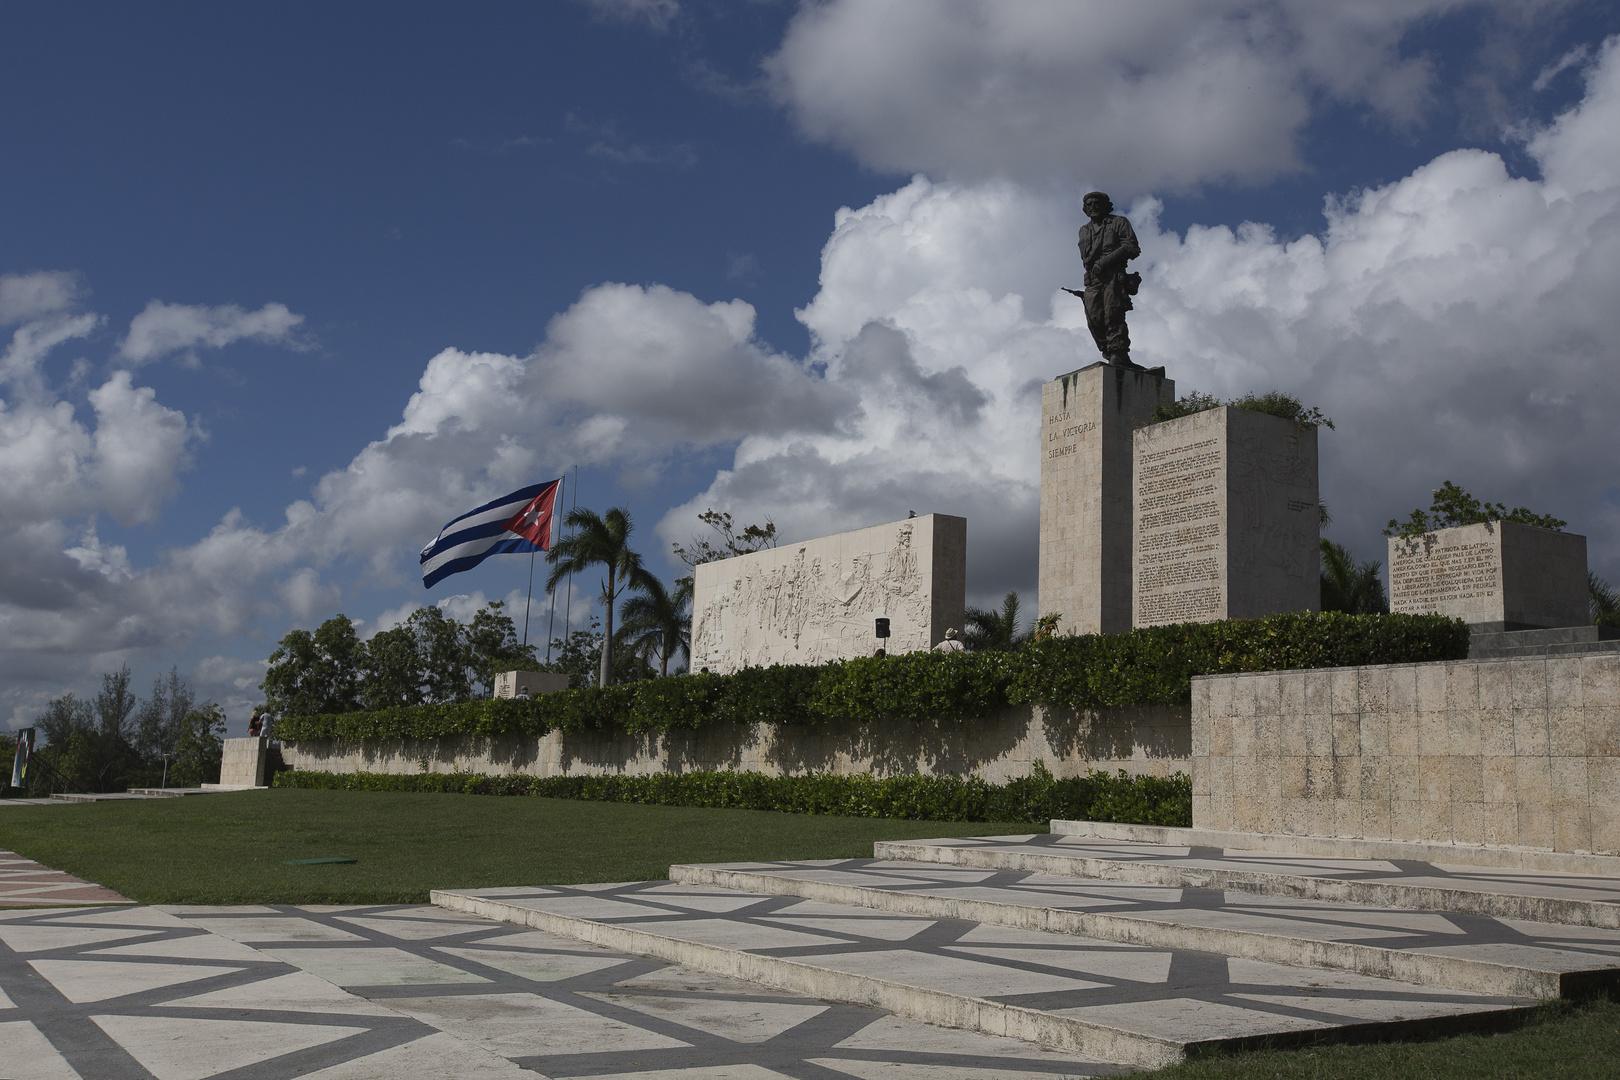 Kuba - eine Reportage in Bildern